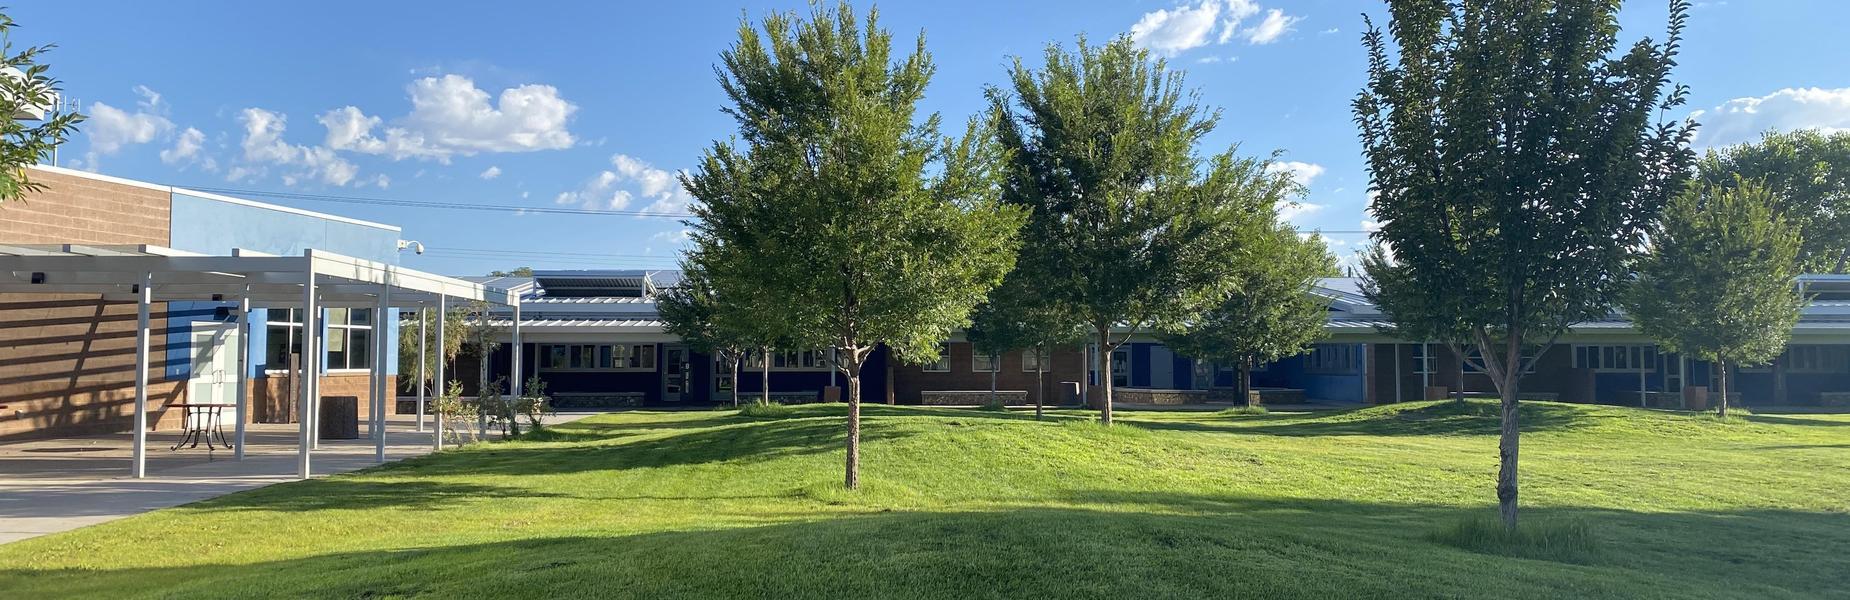 SVA North Campus B Building